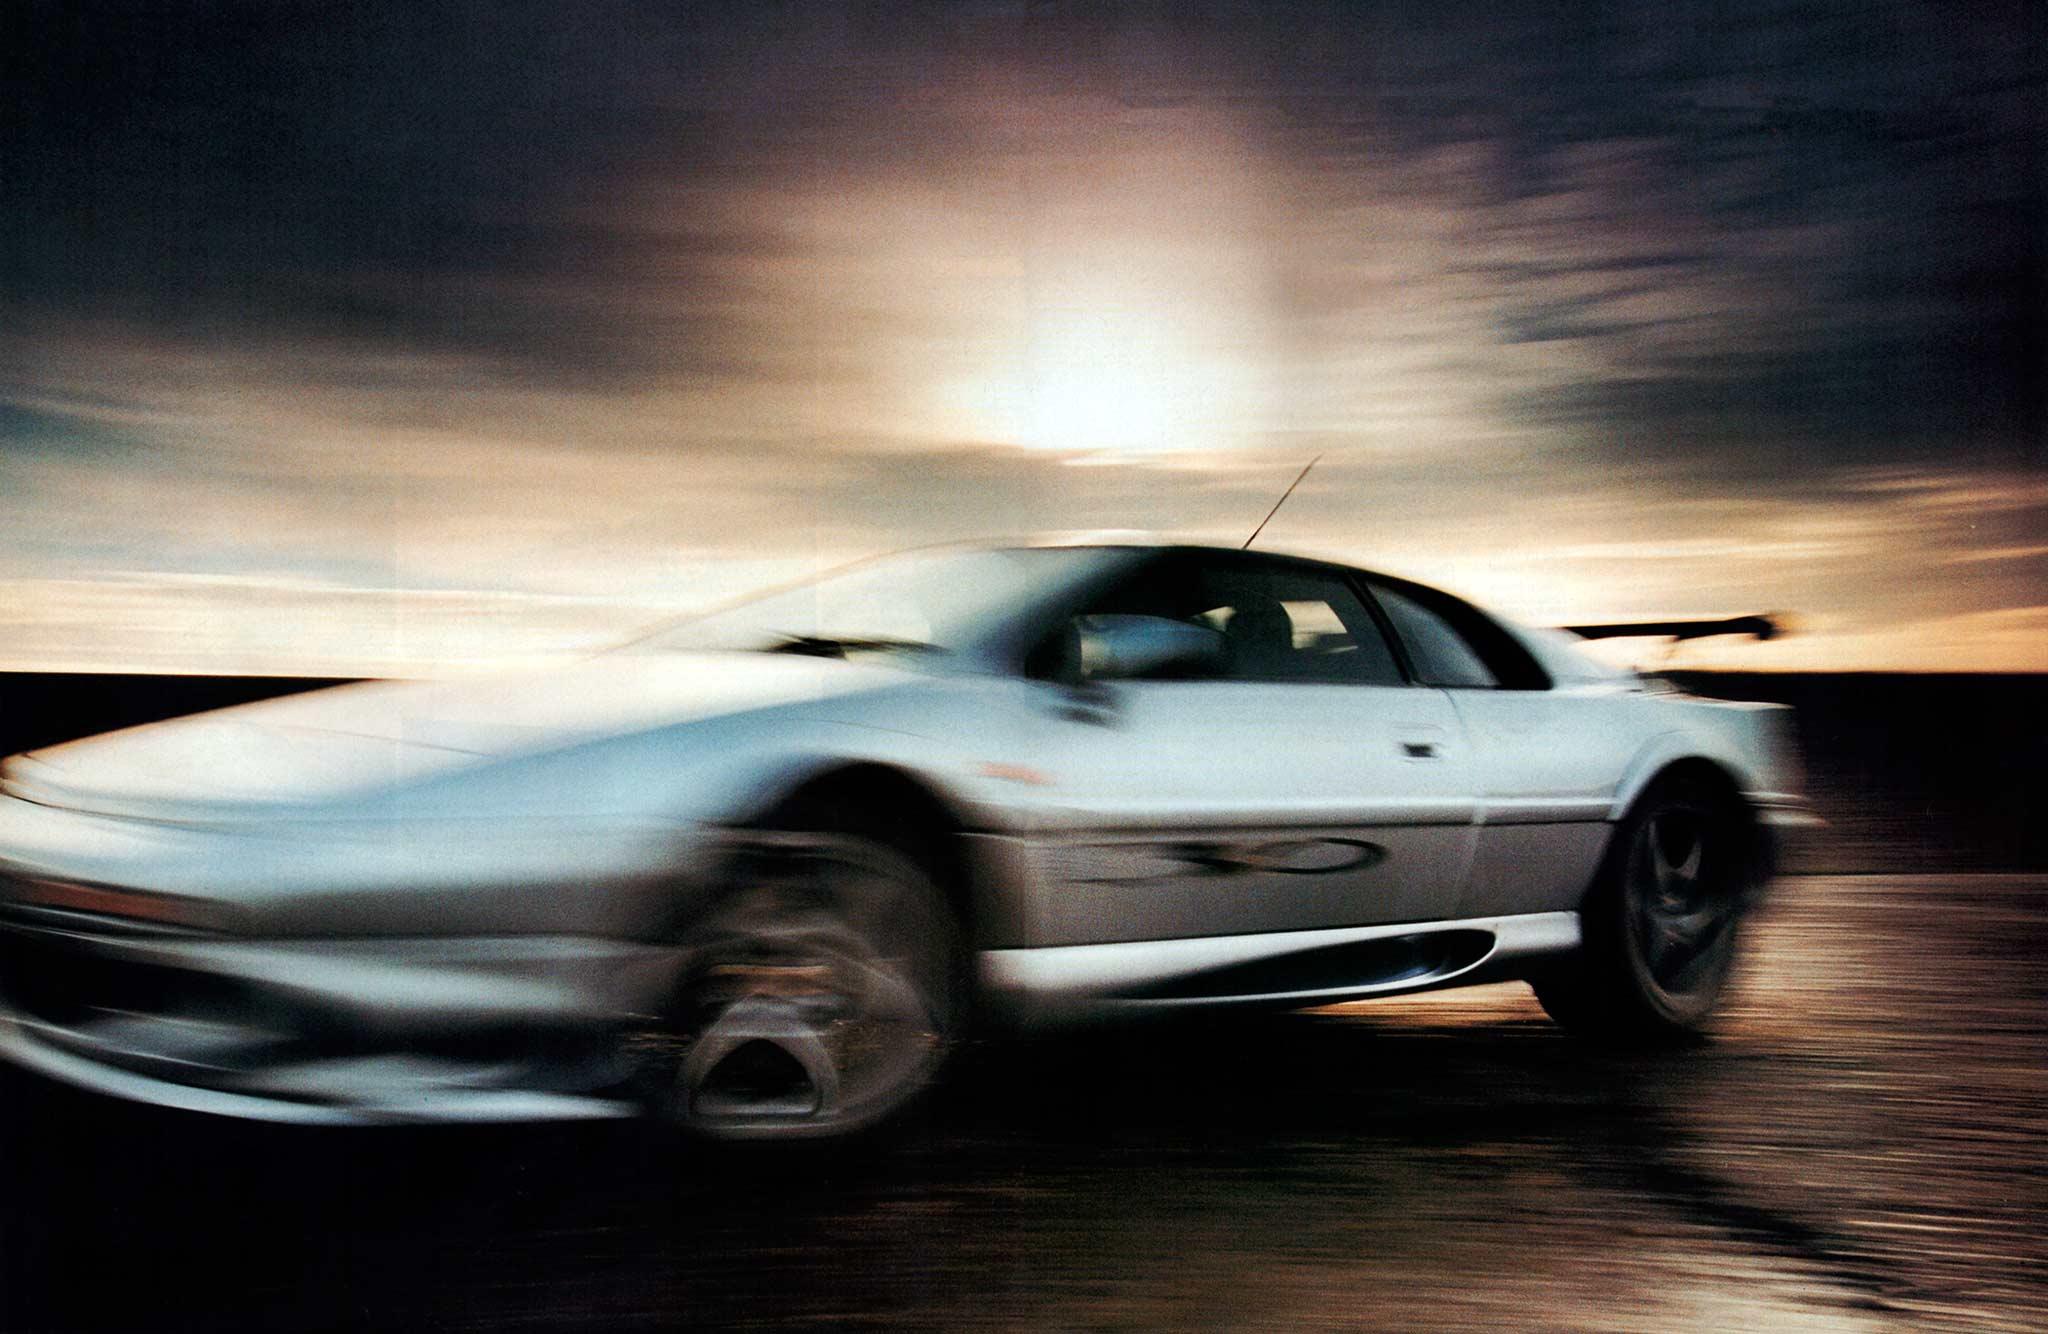 1999 Lotus Esprit Sport 350 Vs 1999 Porsche 911 Carrera 4